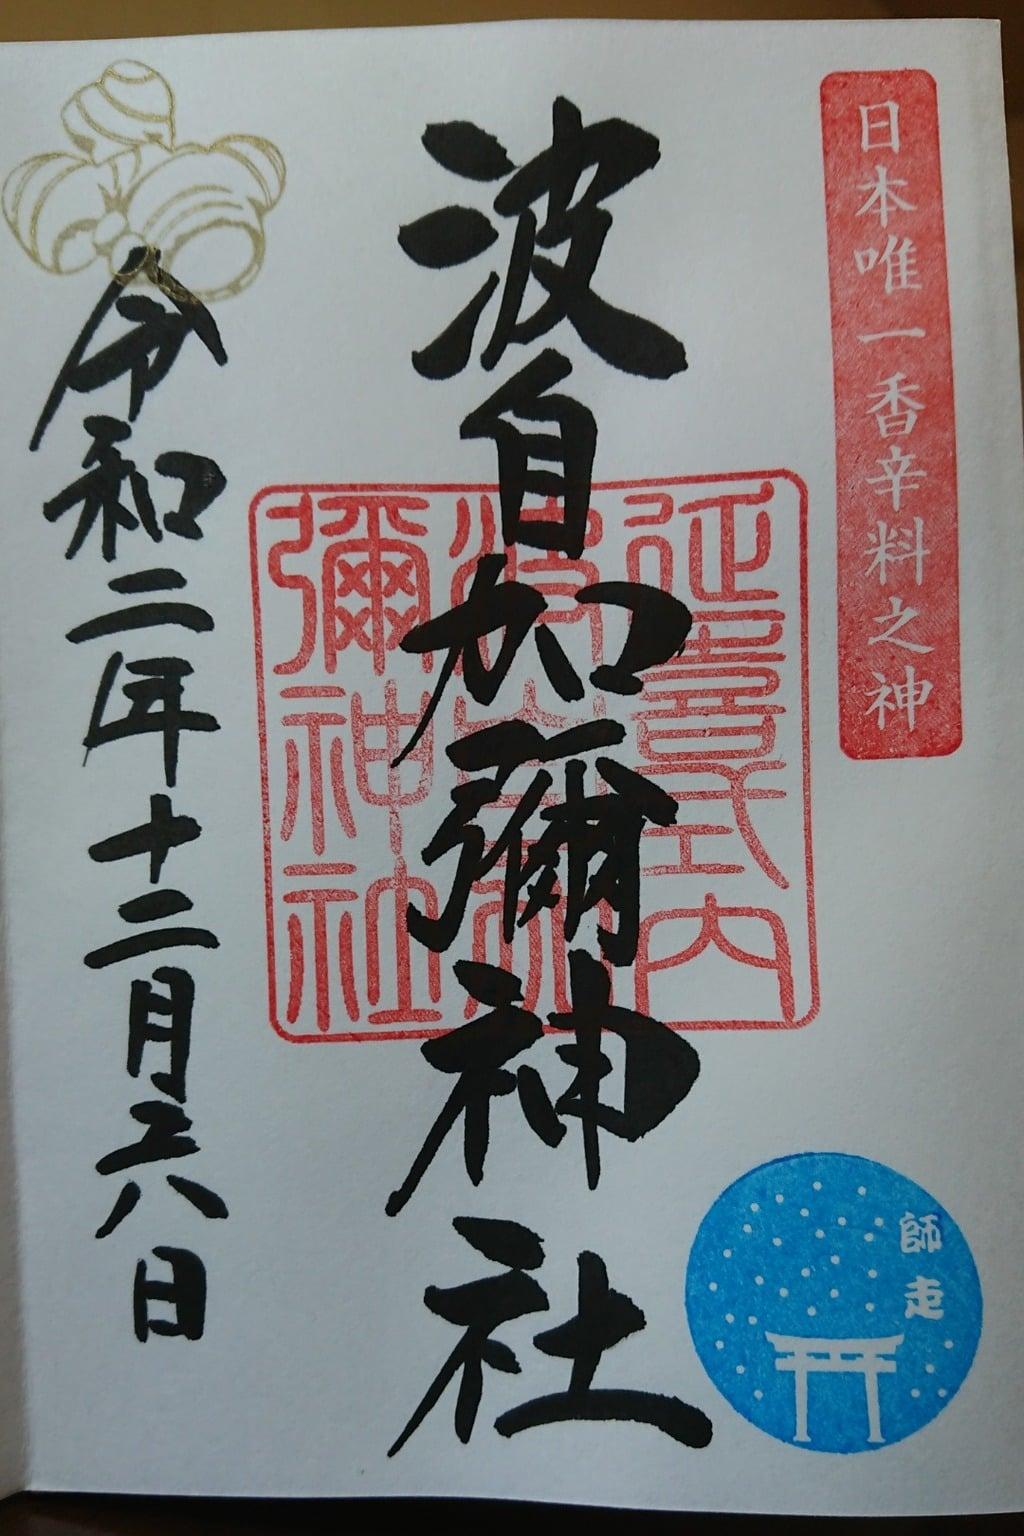 日本唯一香辛料の神 波自加彌神社の御朱印帳